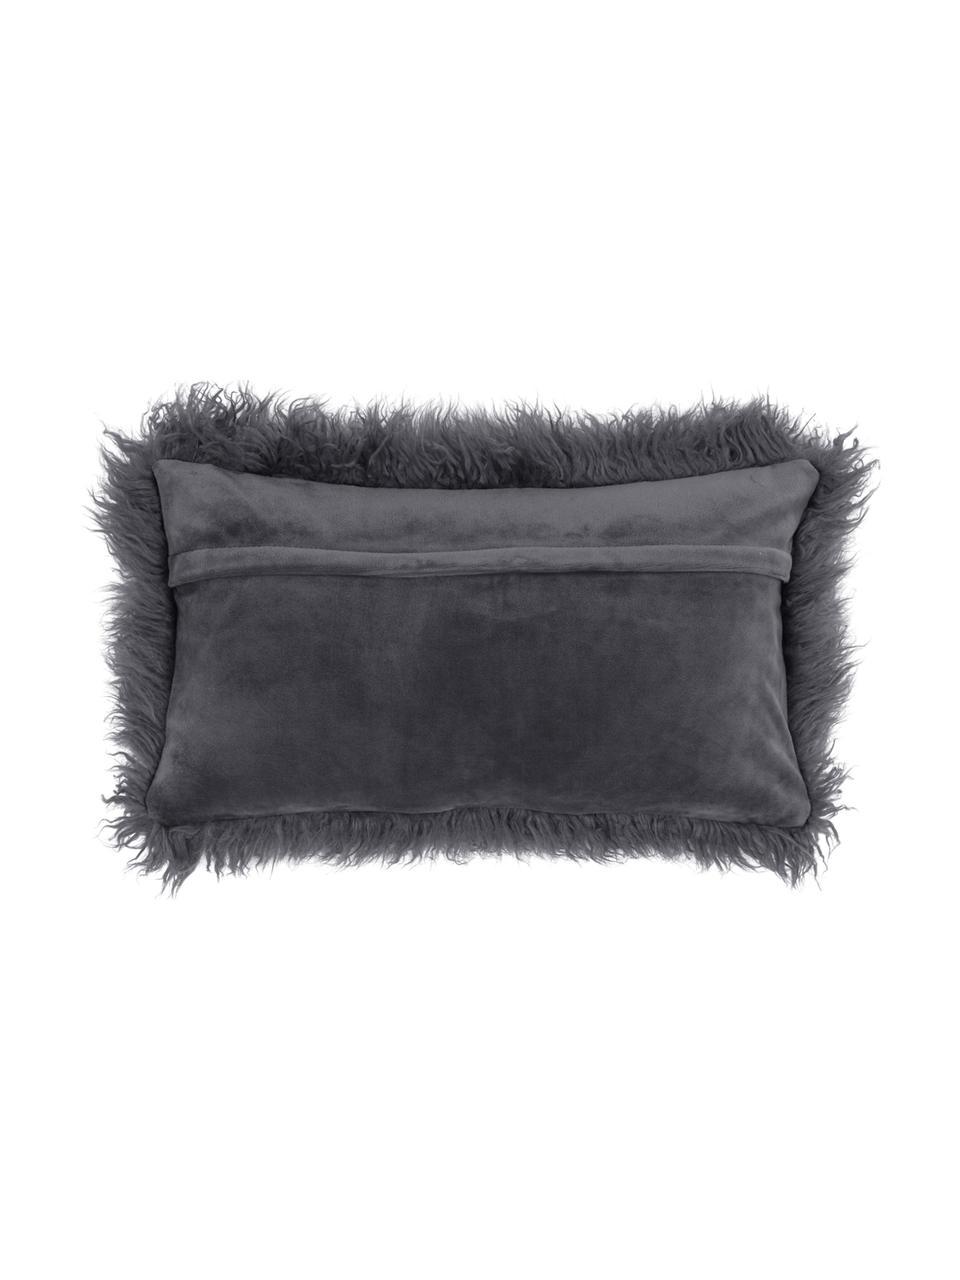 Federa arredo in ecopelliccia grigio scuro Morten, Retro: 100% poliestere, Grigio scuro, Larg. 30 x Lung. 50 cm